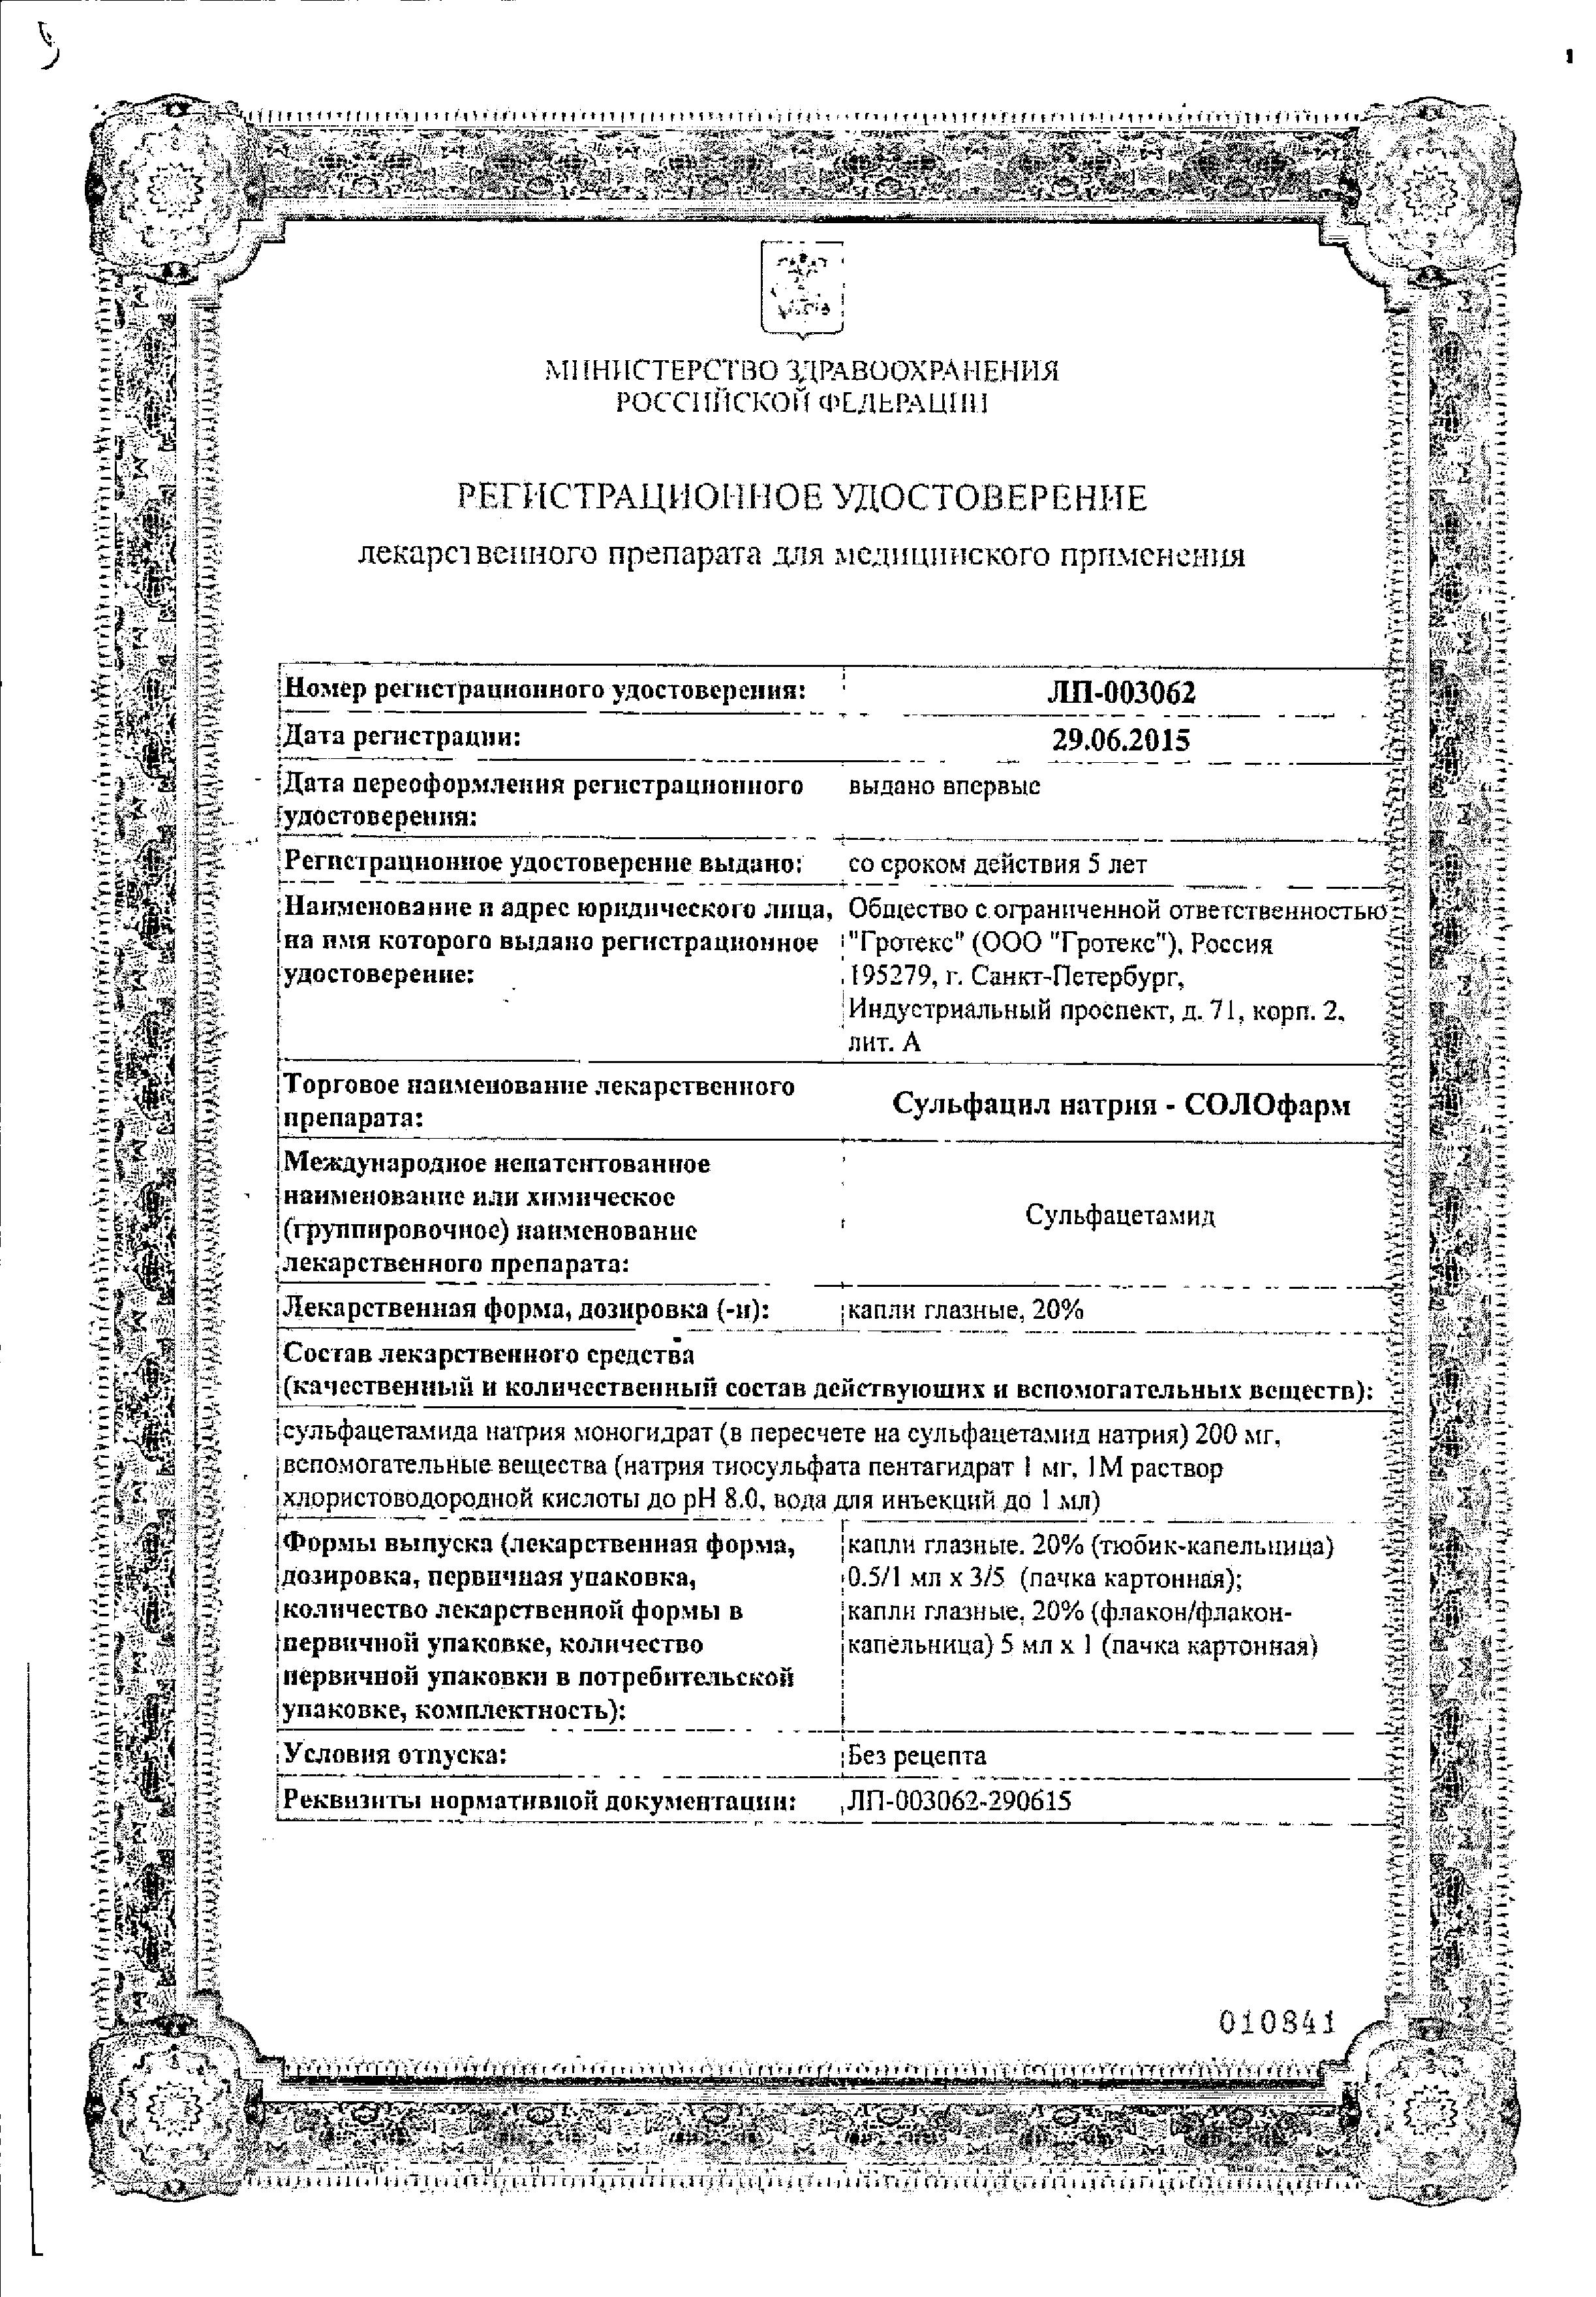 Сульфацил натрия-СОЛОфарм сертификат